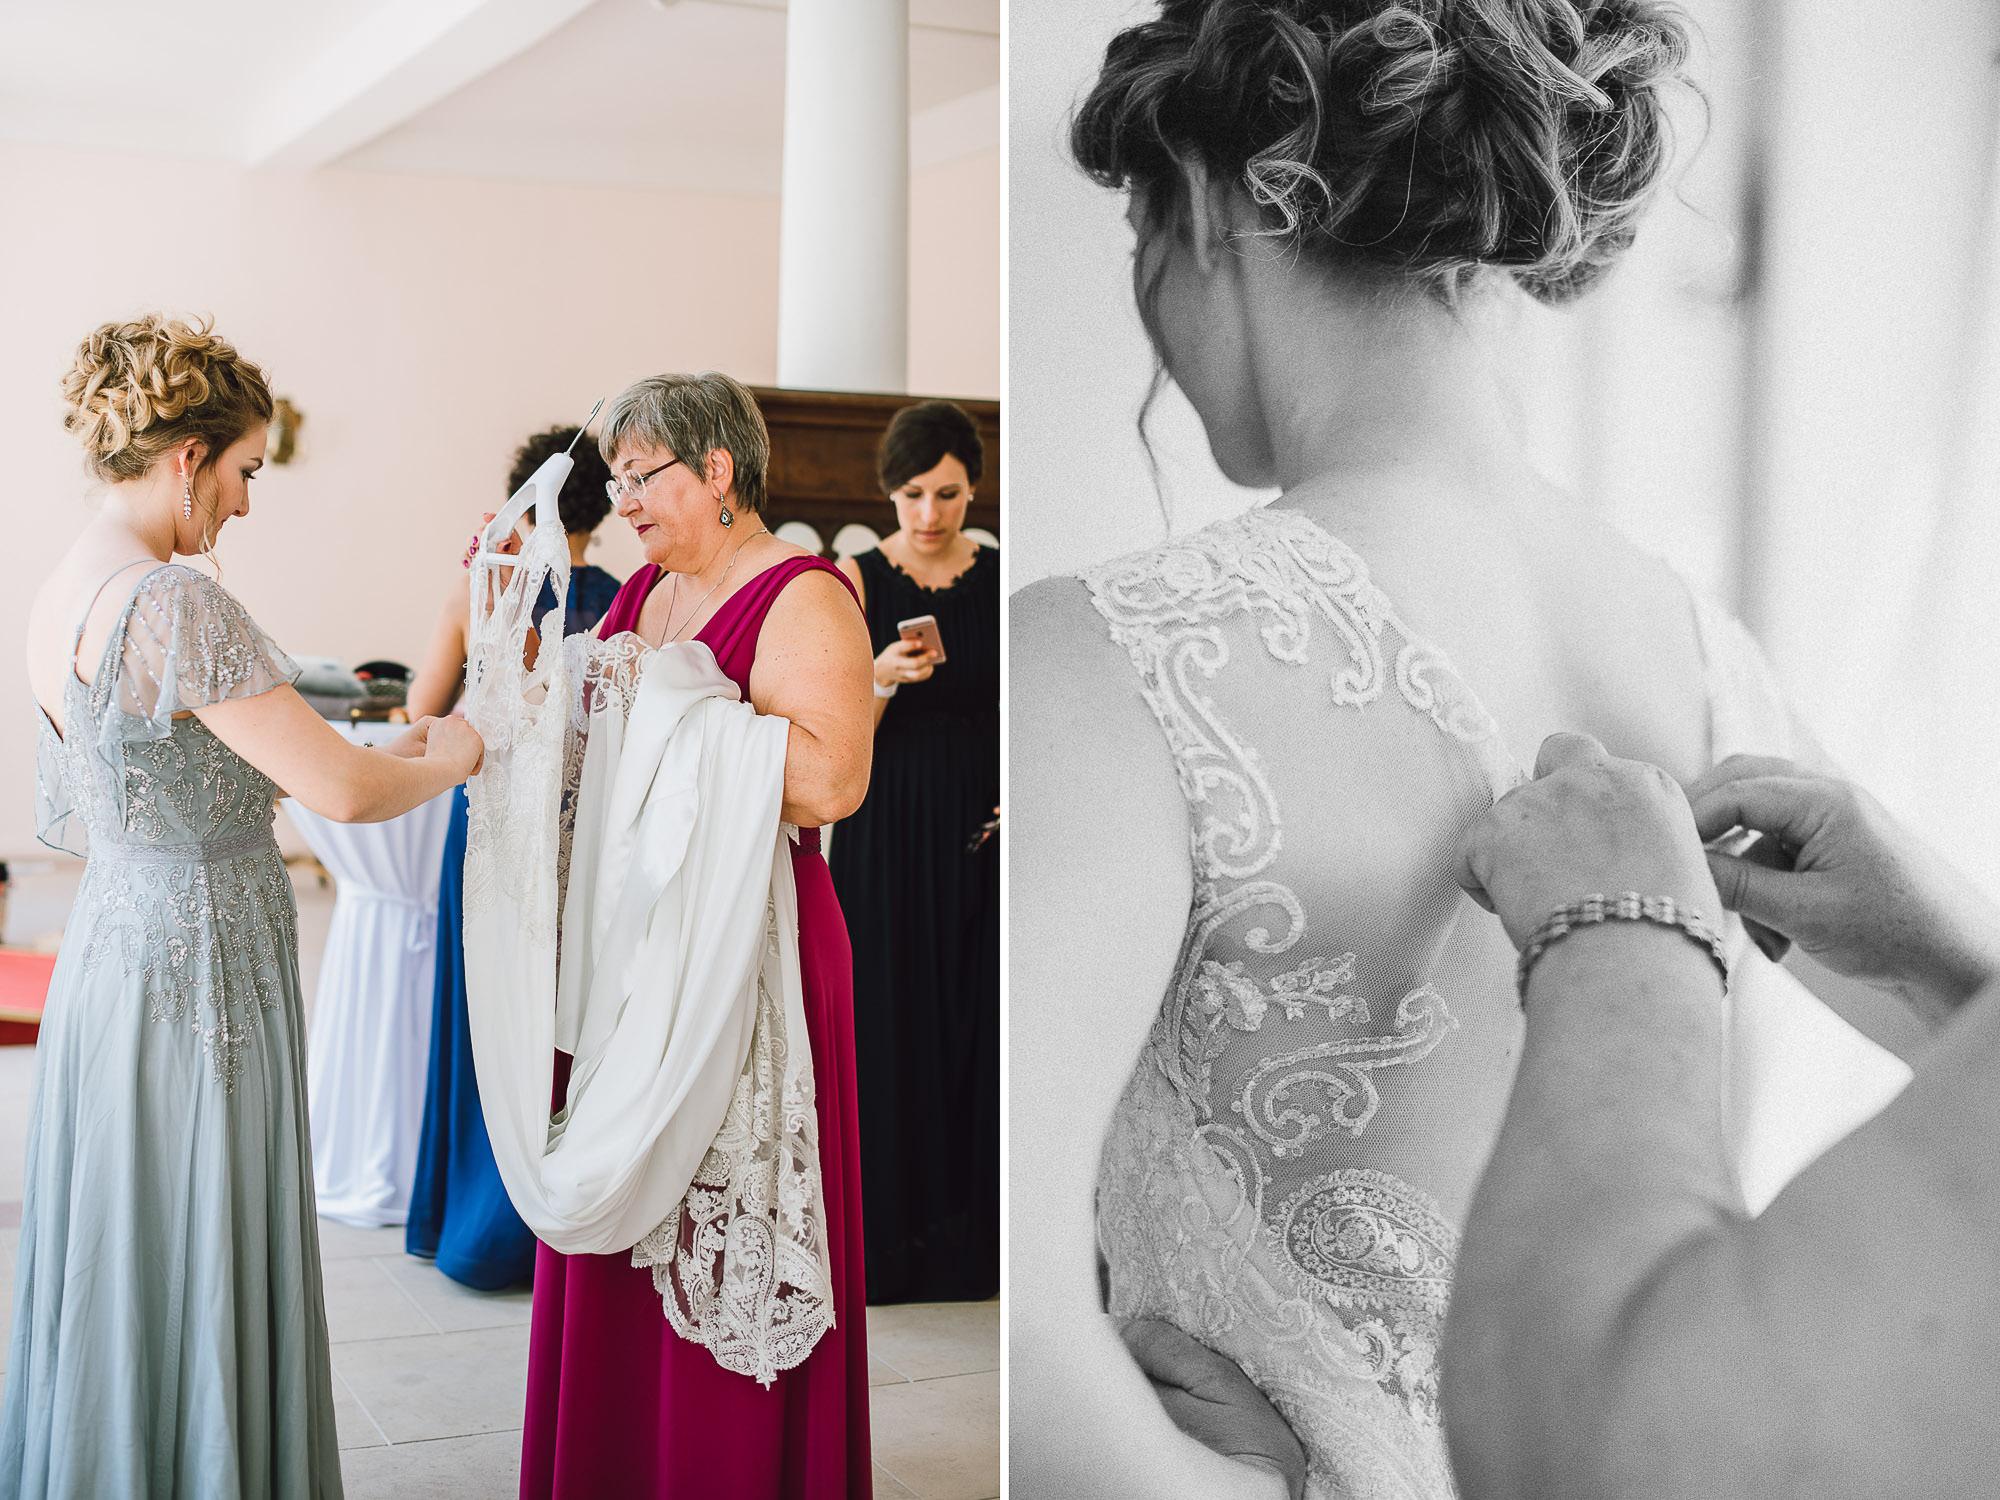 rustic-elegant-wedding-schloss-hochzeit-eyrichshof-franken-bamberg-026